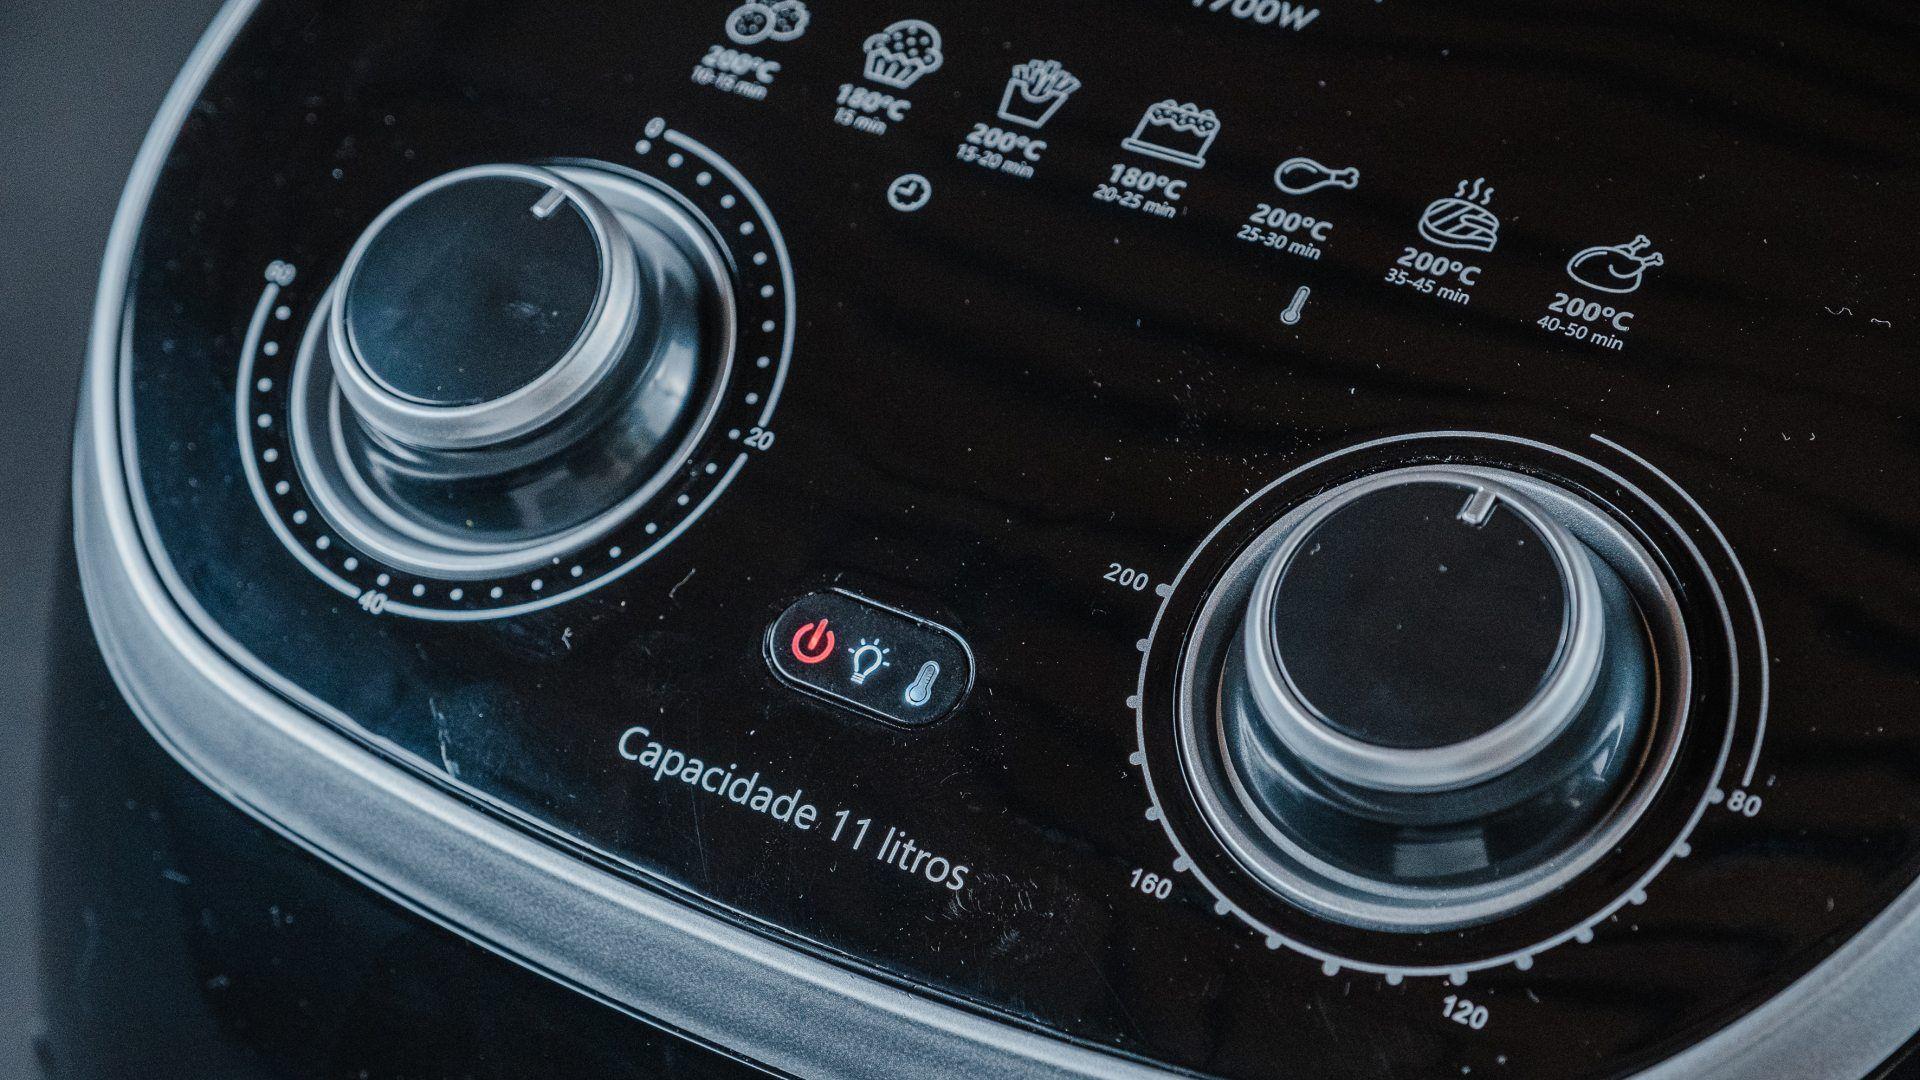 Os botões da Air Fryer Philco Oven são bem sinalizados e fáceis de usar (Foto: Zoom)